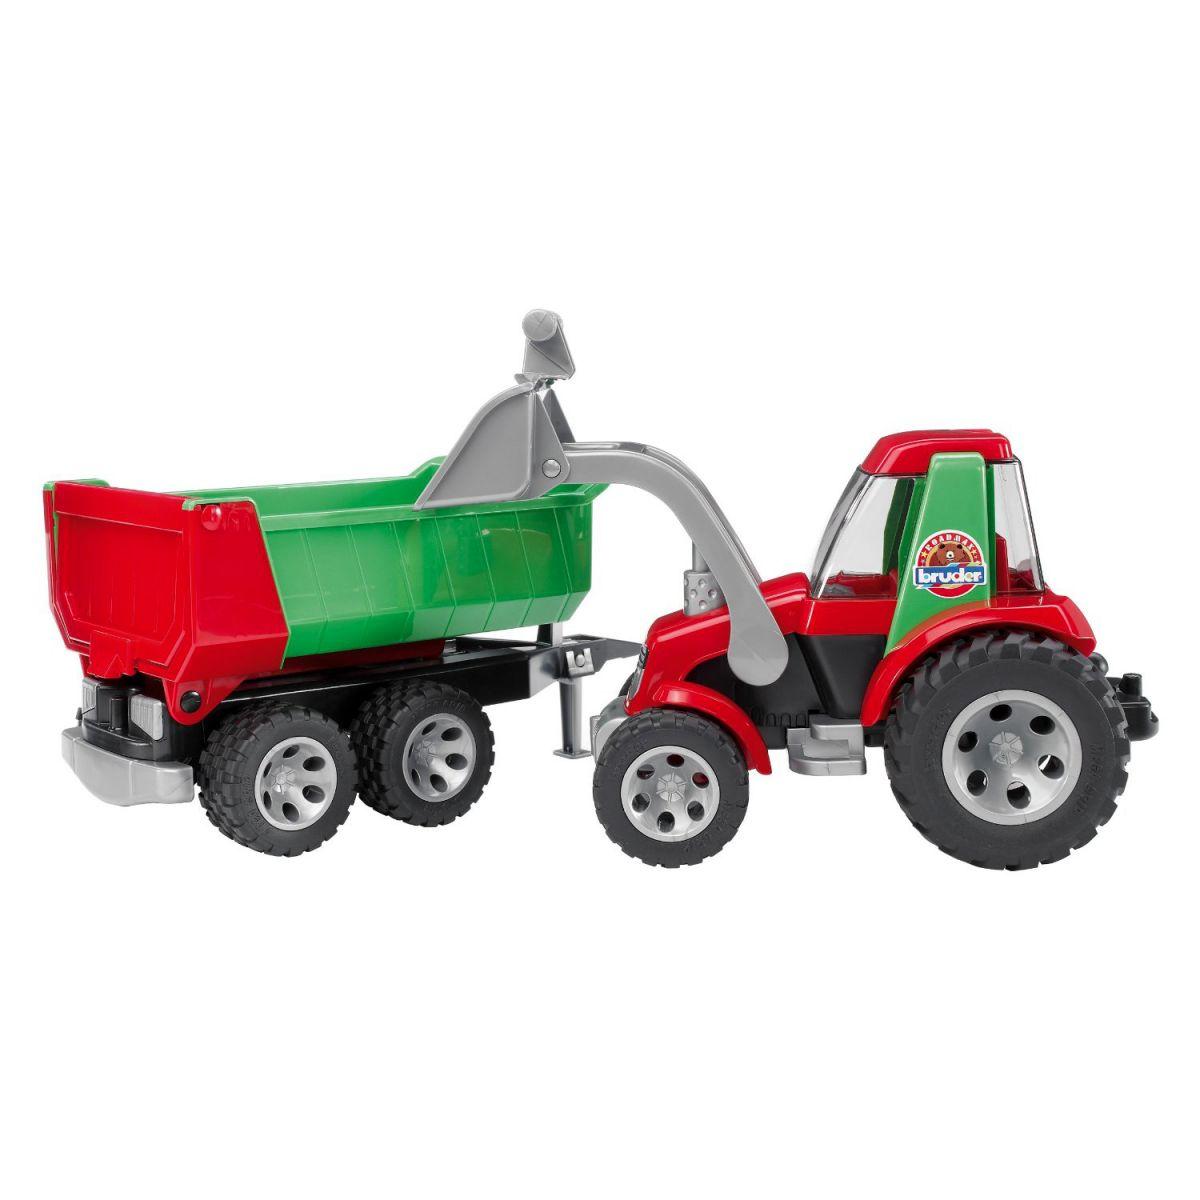 BRUDER 20116 Traktor ROADMAX